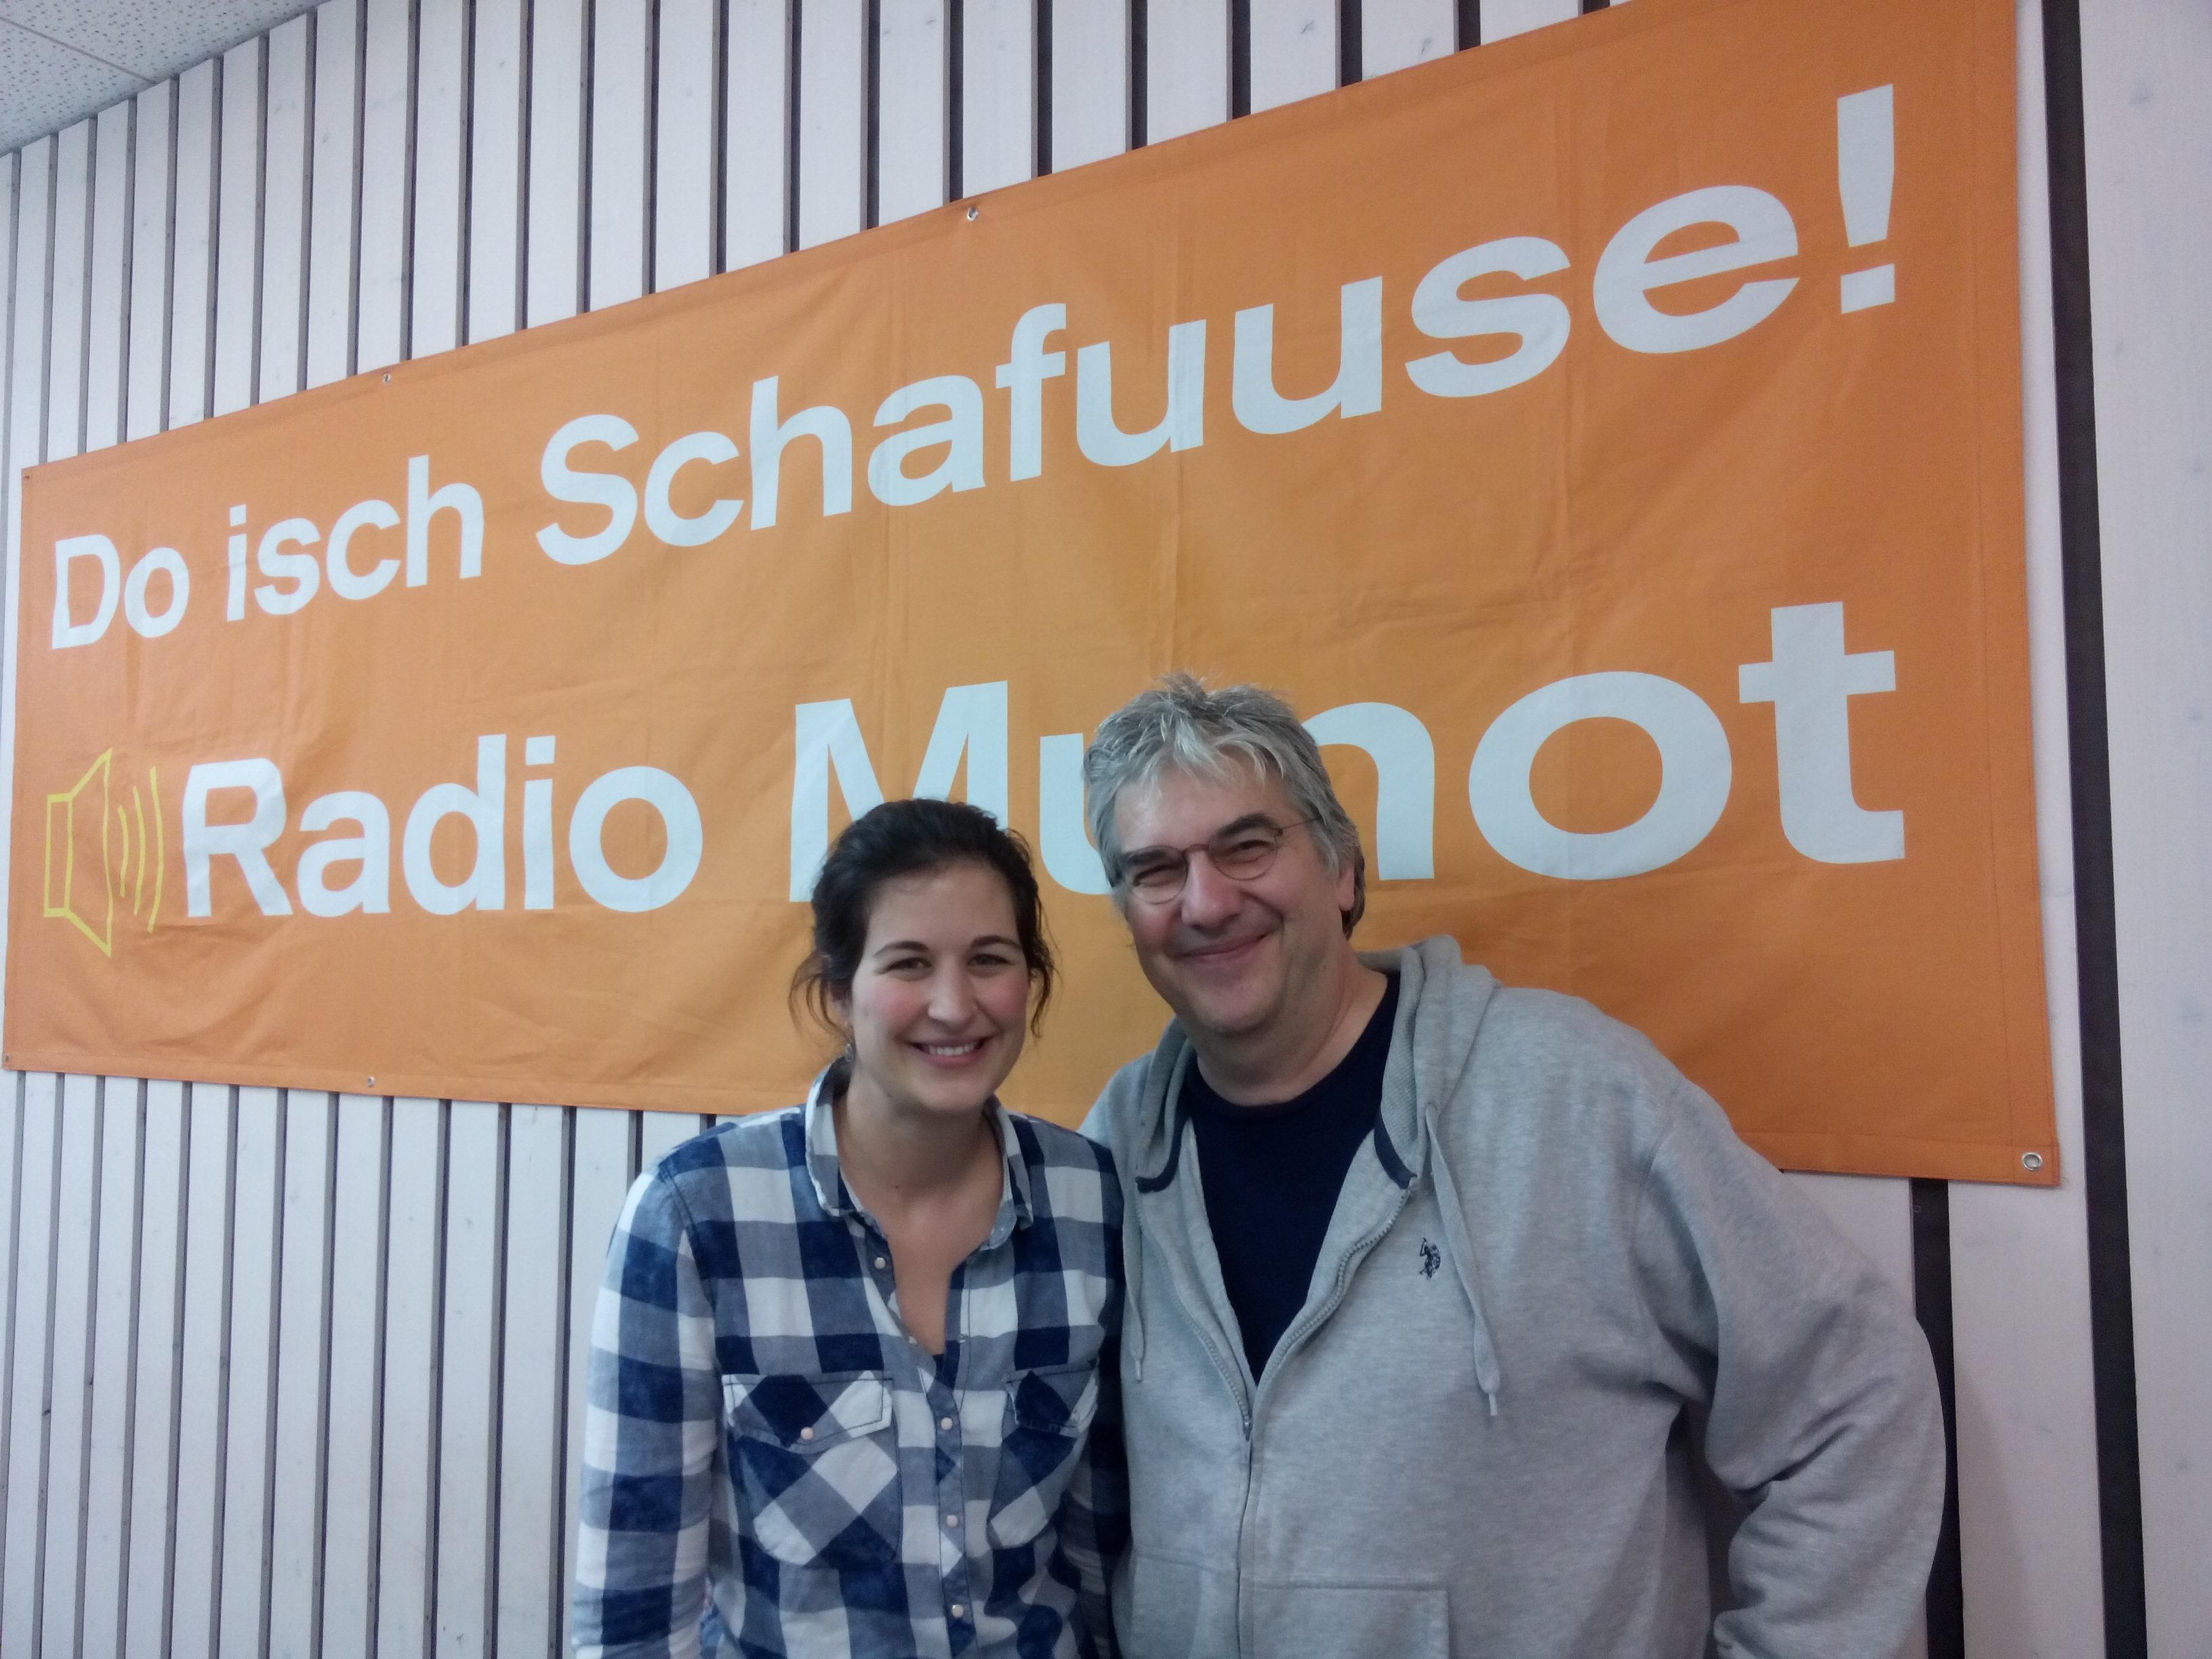 Radio Munot mit Sarah Keller